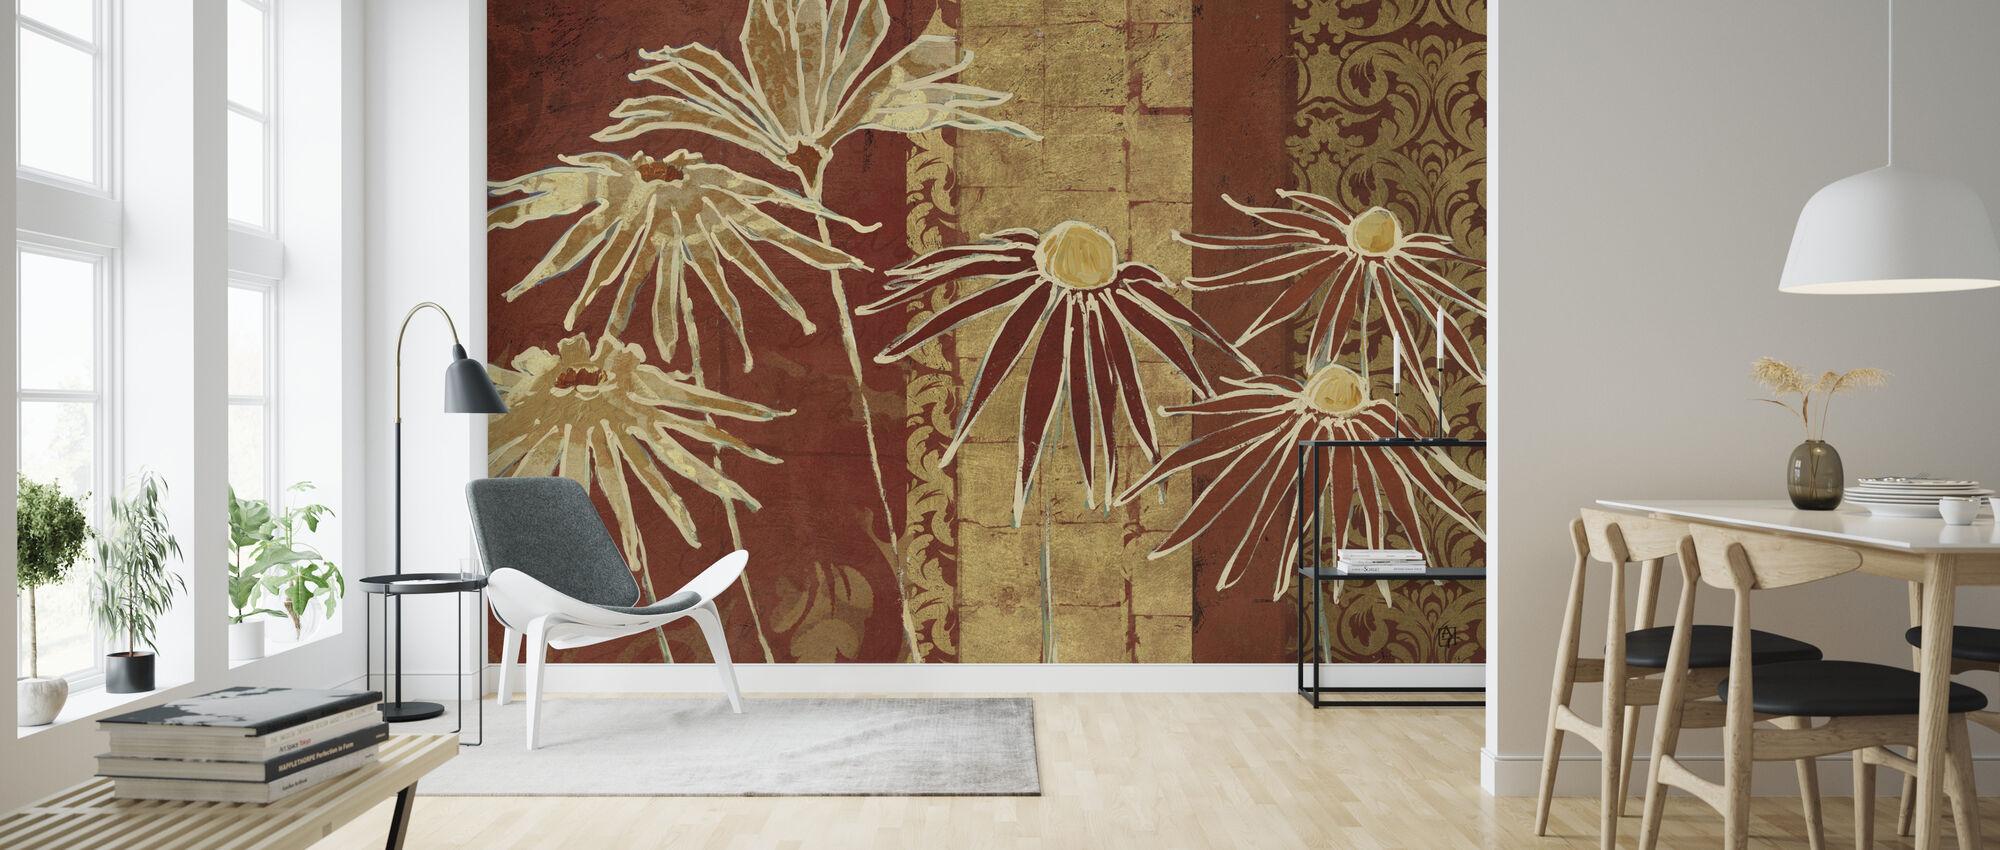 Avery Tillmon - Flowers on Spice - Wallpaper - Living Room